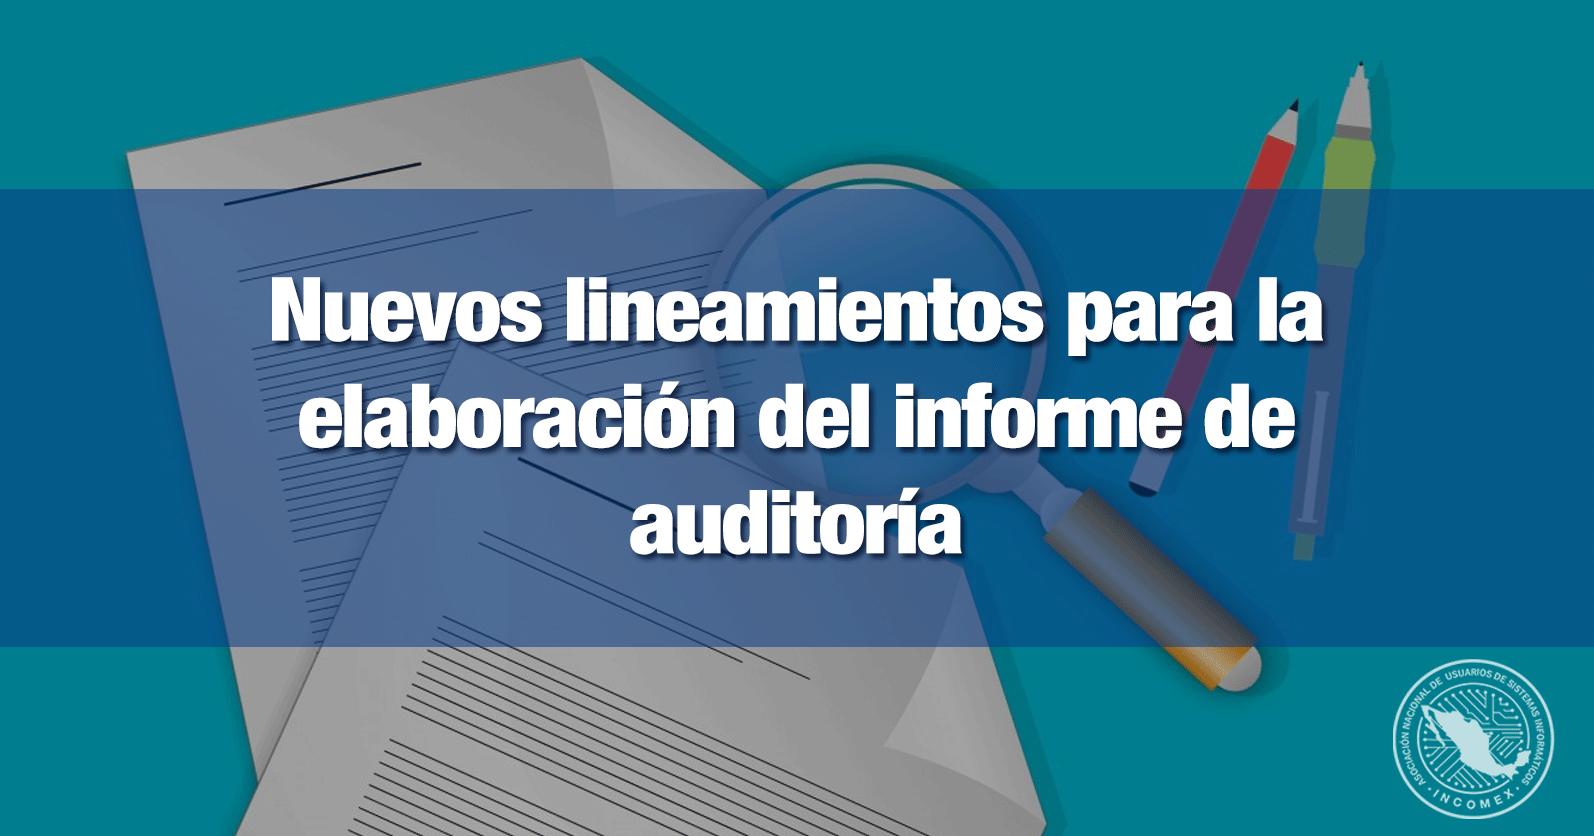 Nuevos lineamientos para la elaboración del informe de auditoría